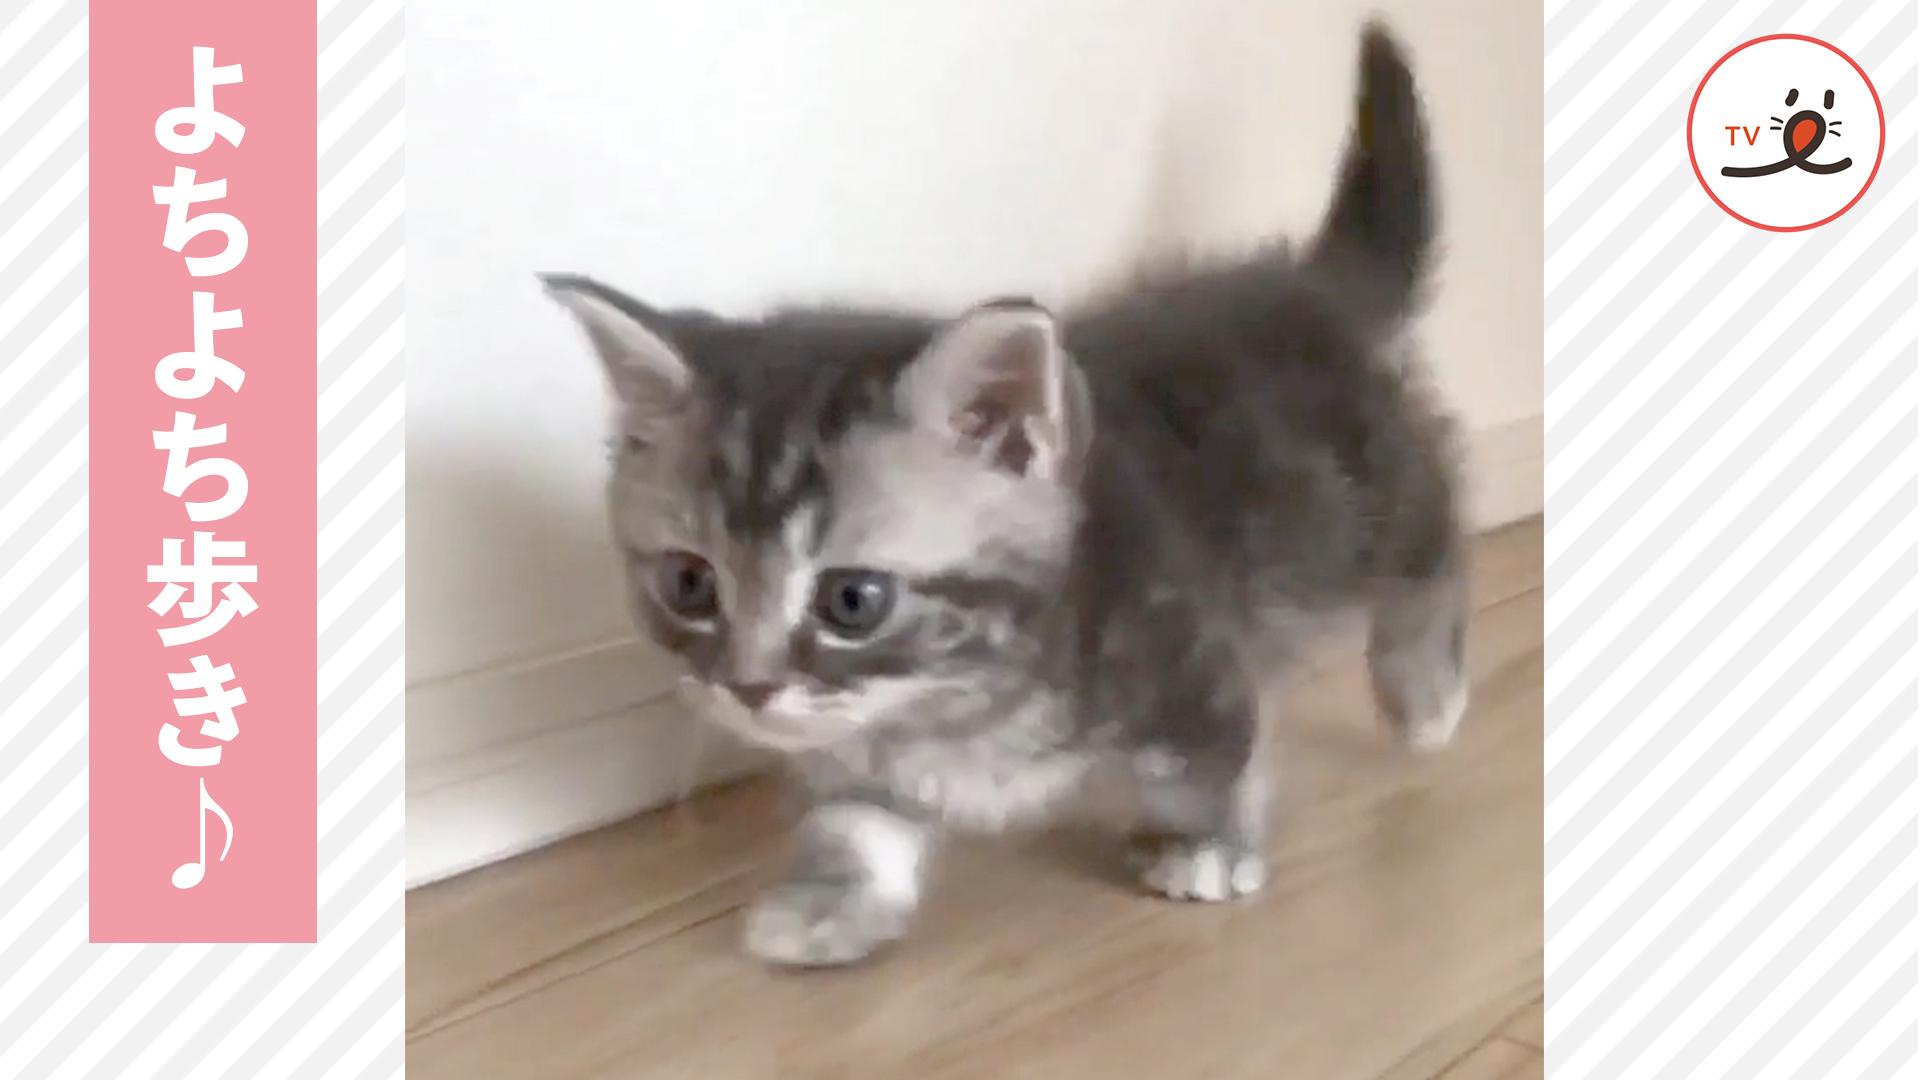 一生懸命歩いたから褒めてニャ! 😸 愛くるしい子猫達のよちよち歩き💕